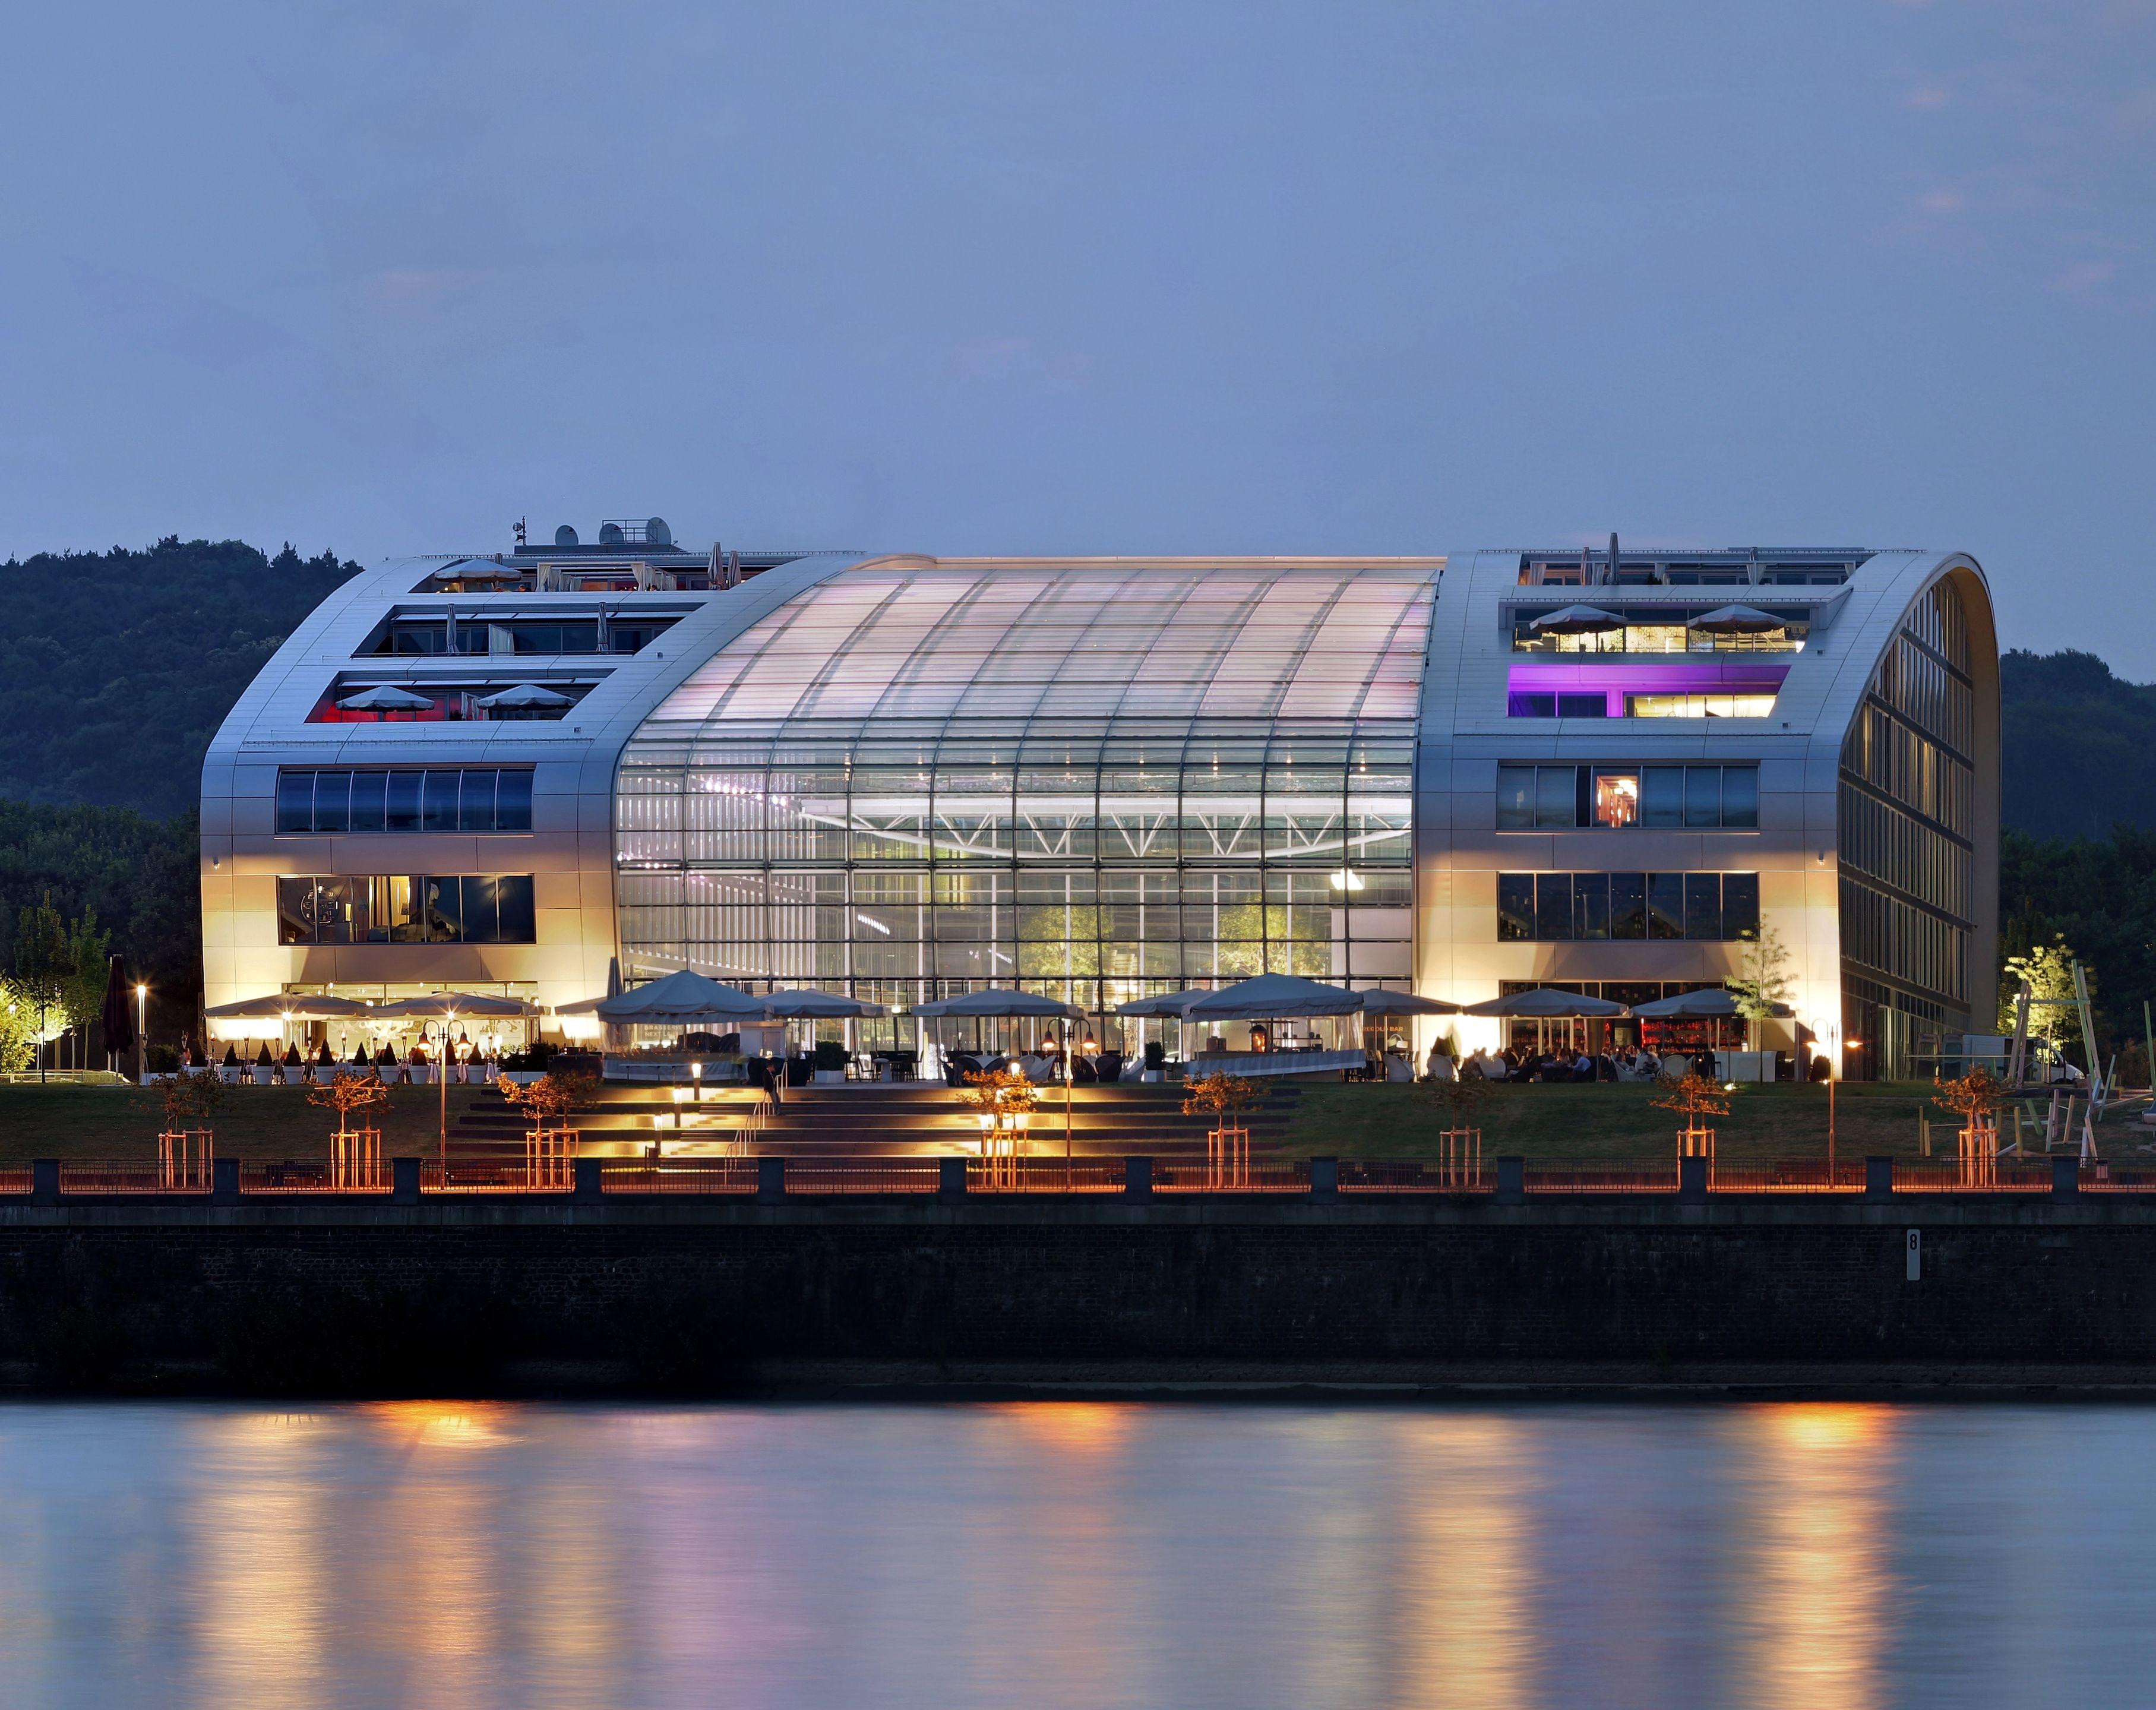 KAMEHA GRAND BONN Tauchen Sie ein in die Lifestyle Welt des Kameha Grand Bonn. Ihrem Business Hotel in Bonn